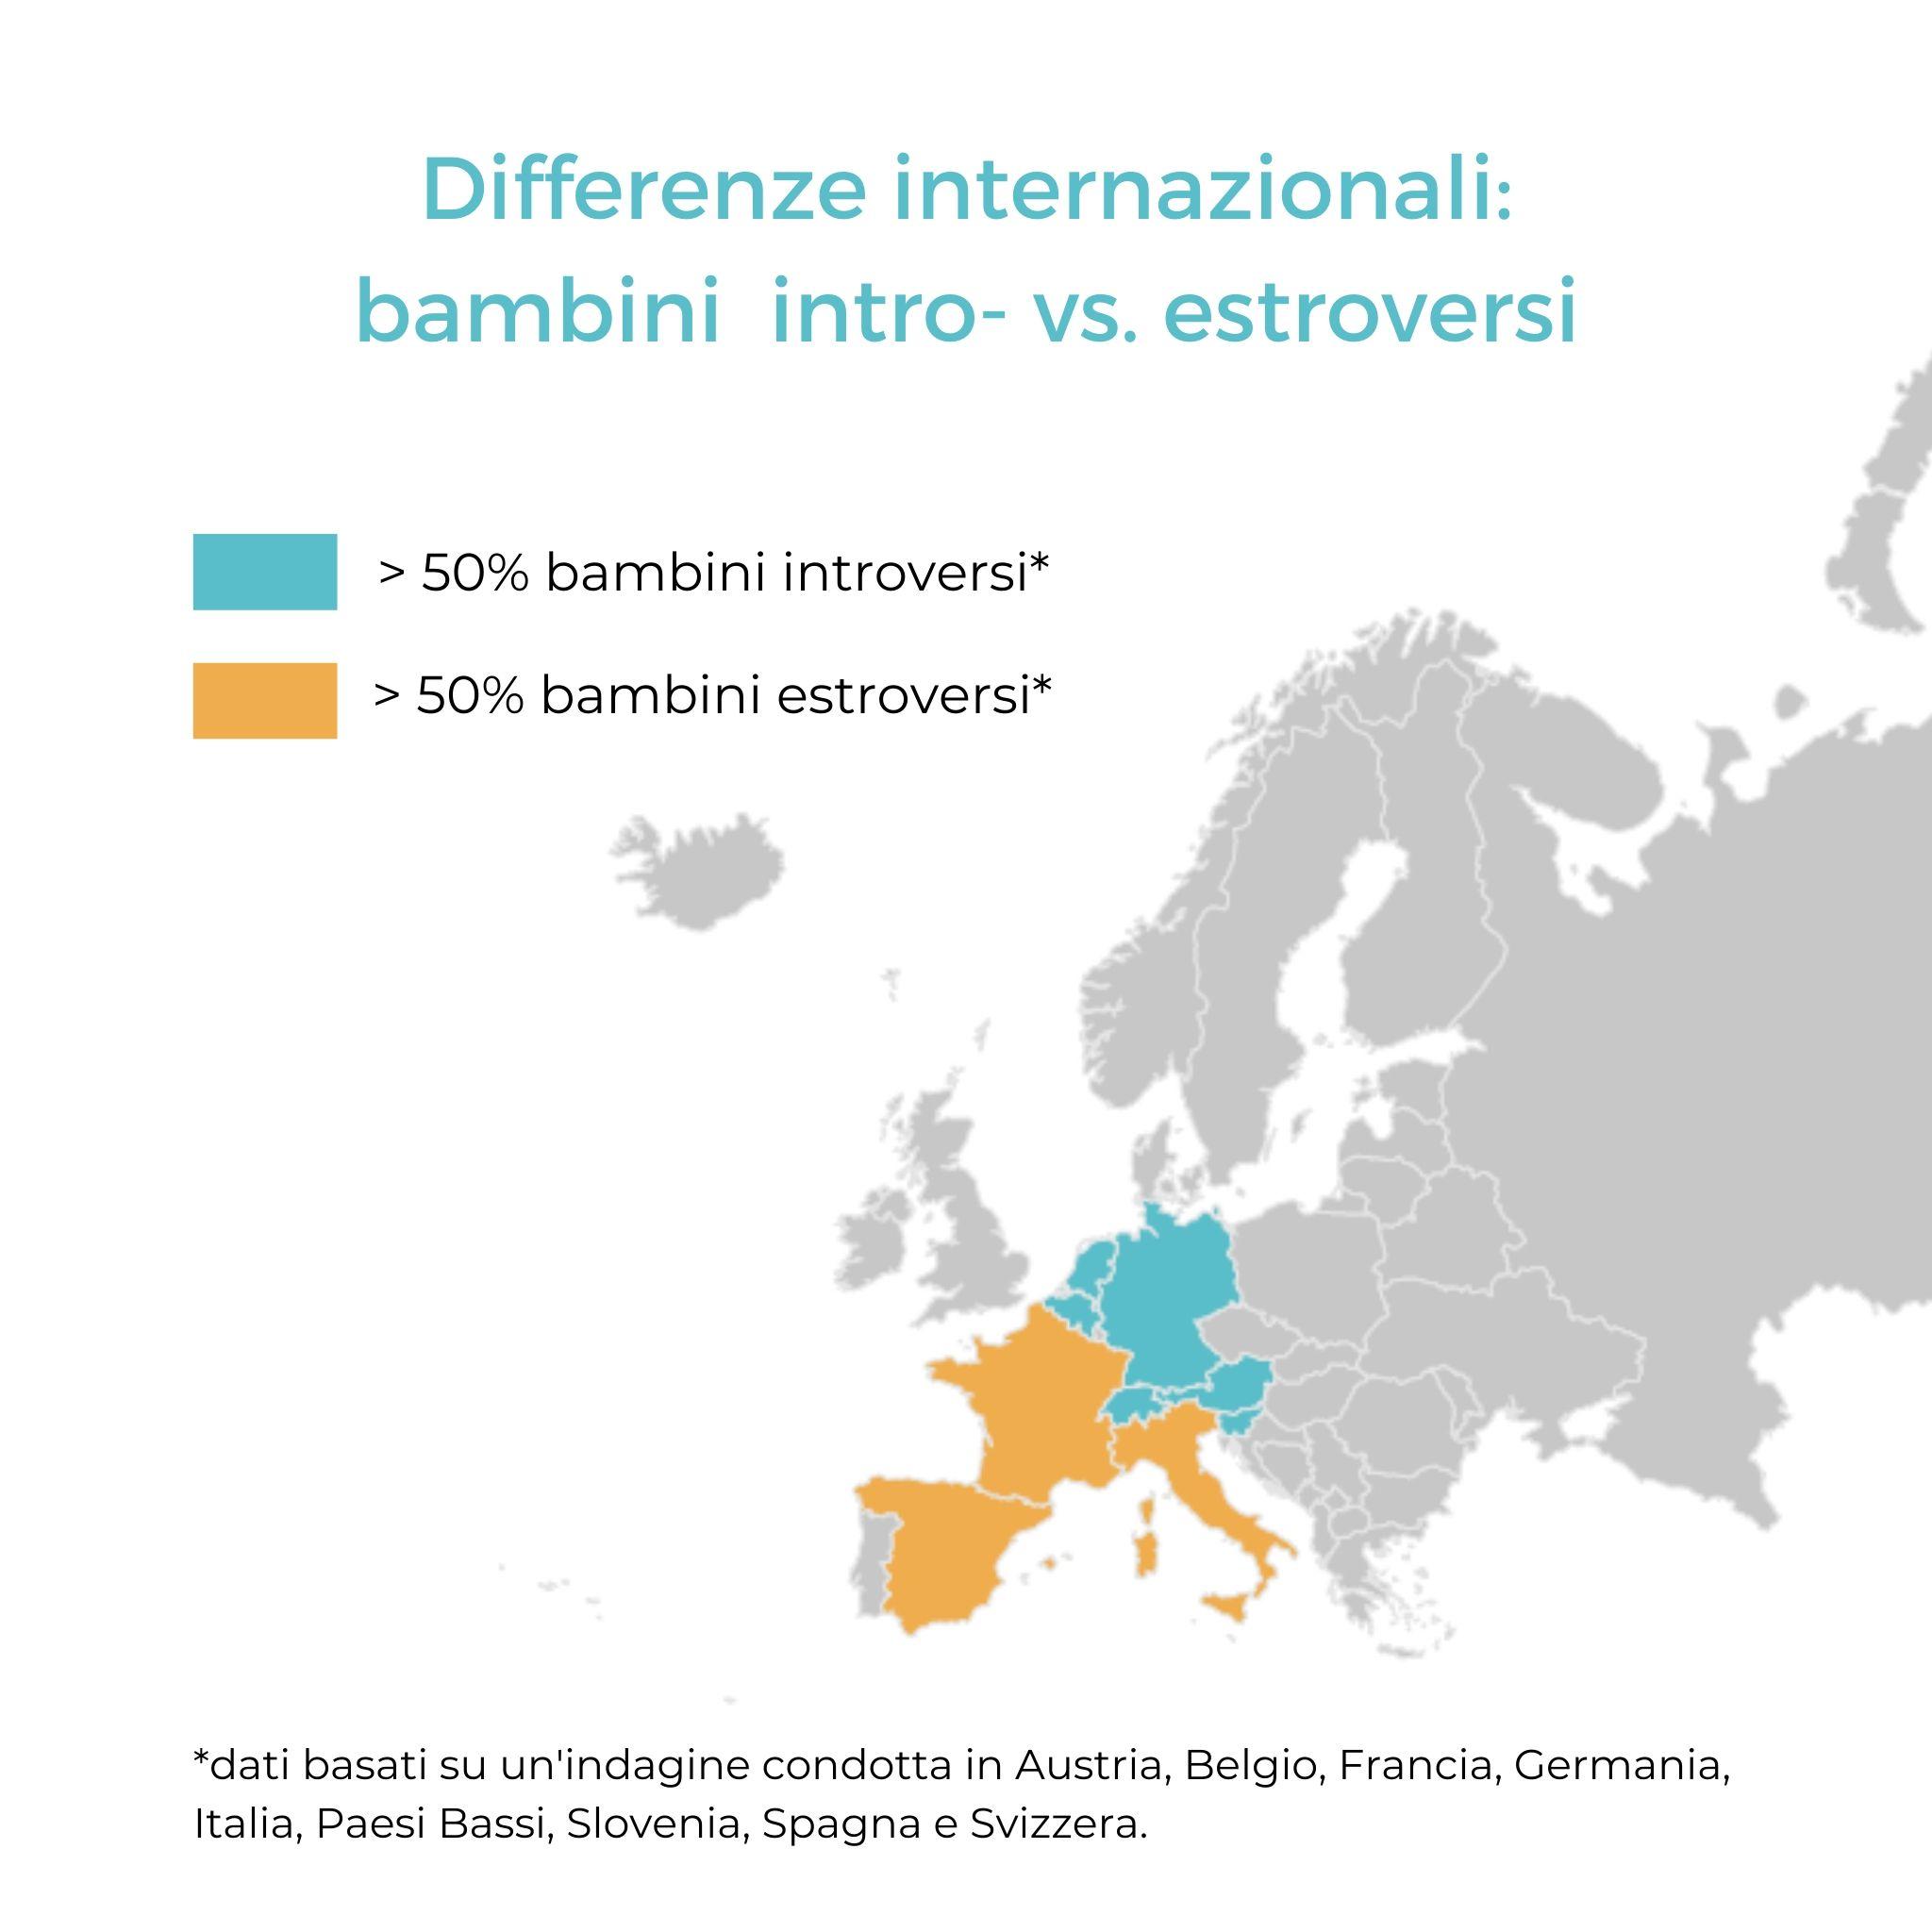 Bambini Introversi vs. Estroversi: differenze in Europa